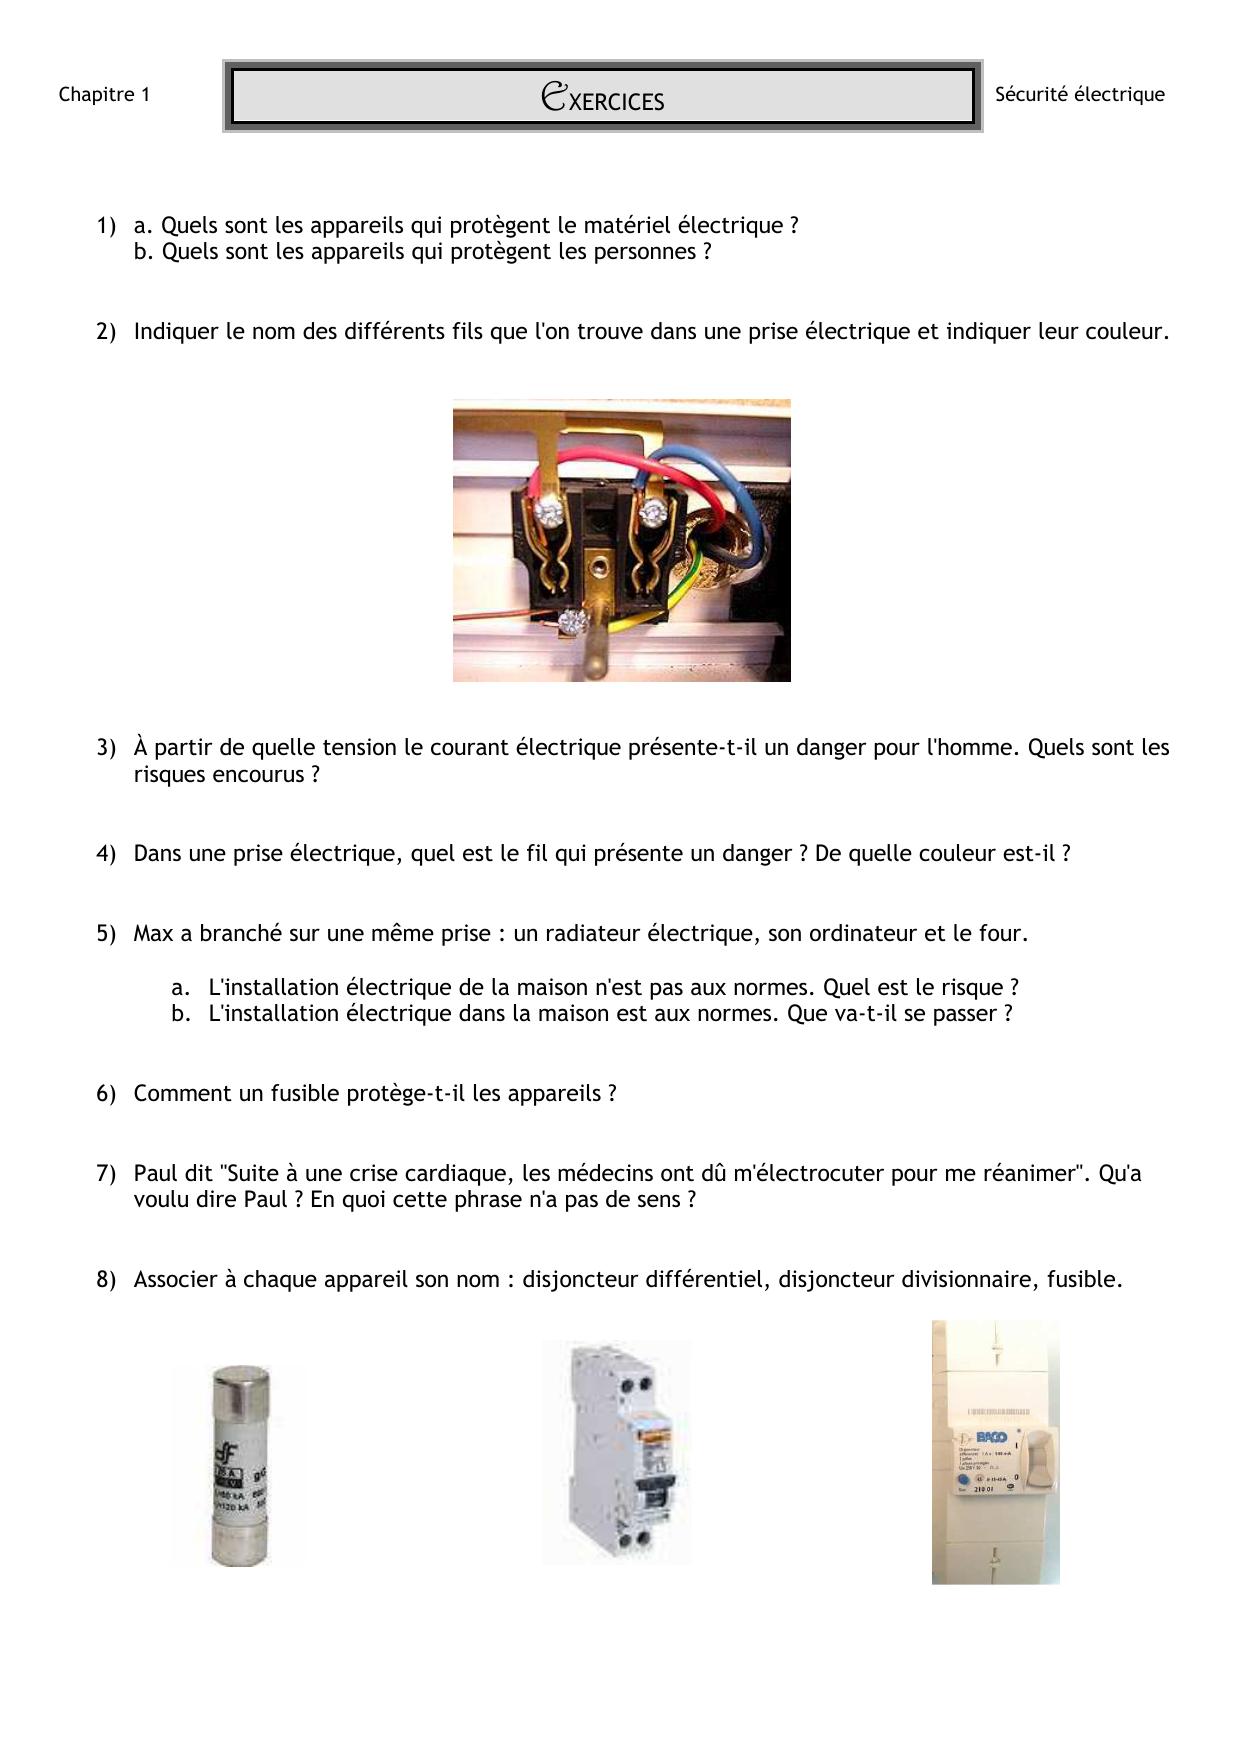 EXERCICES A Quels Sont Les Appareils Qui Protègent Le Matériel - Quel disjoncteur differentiel pour maison